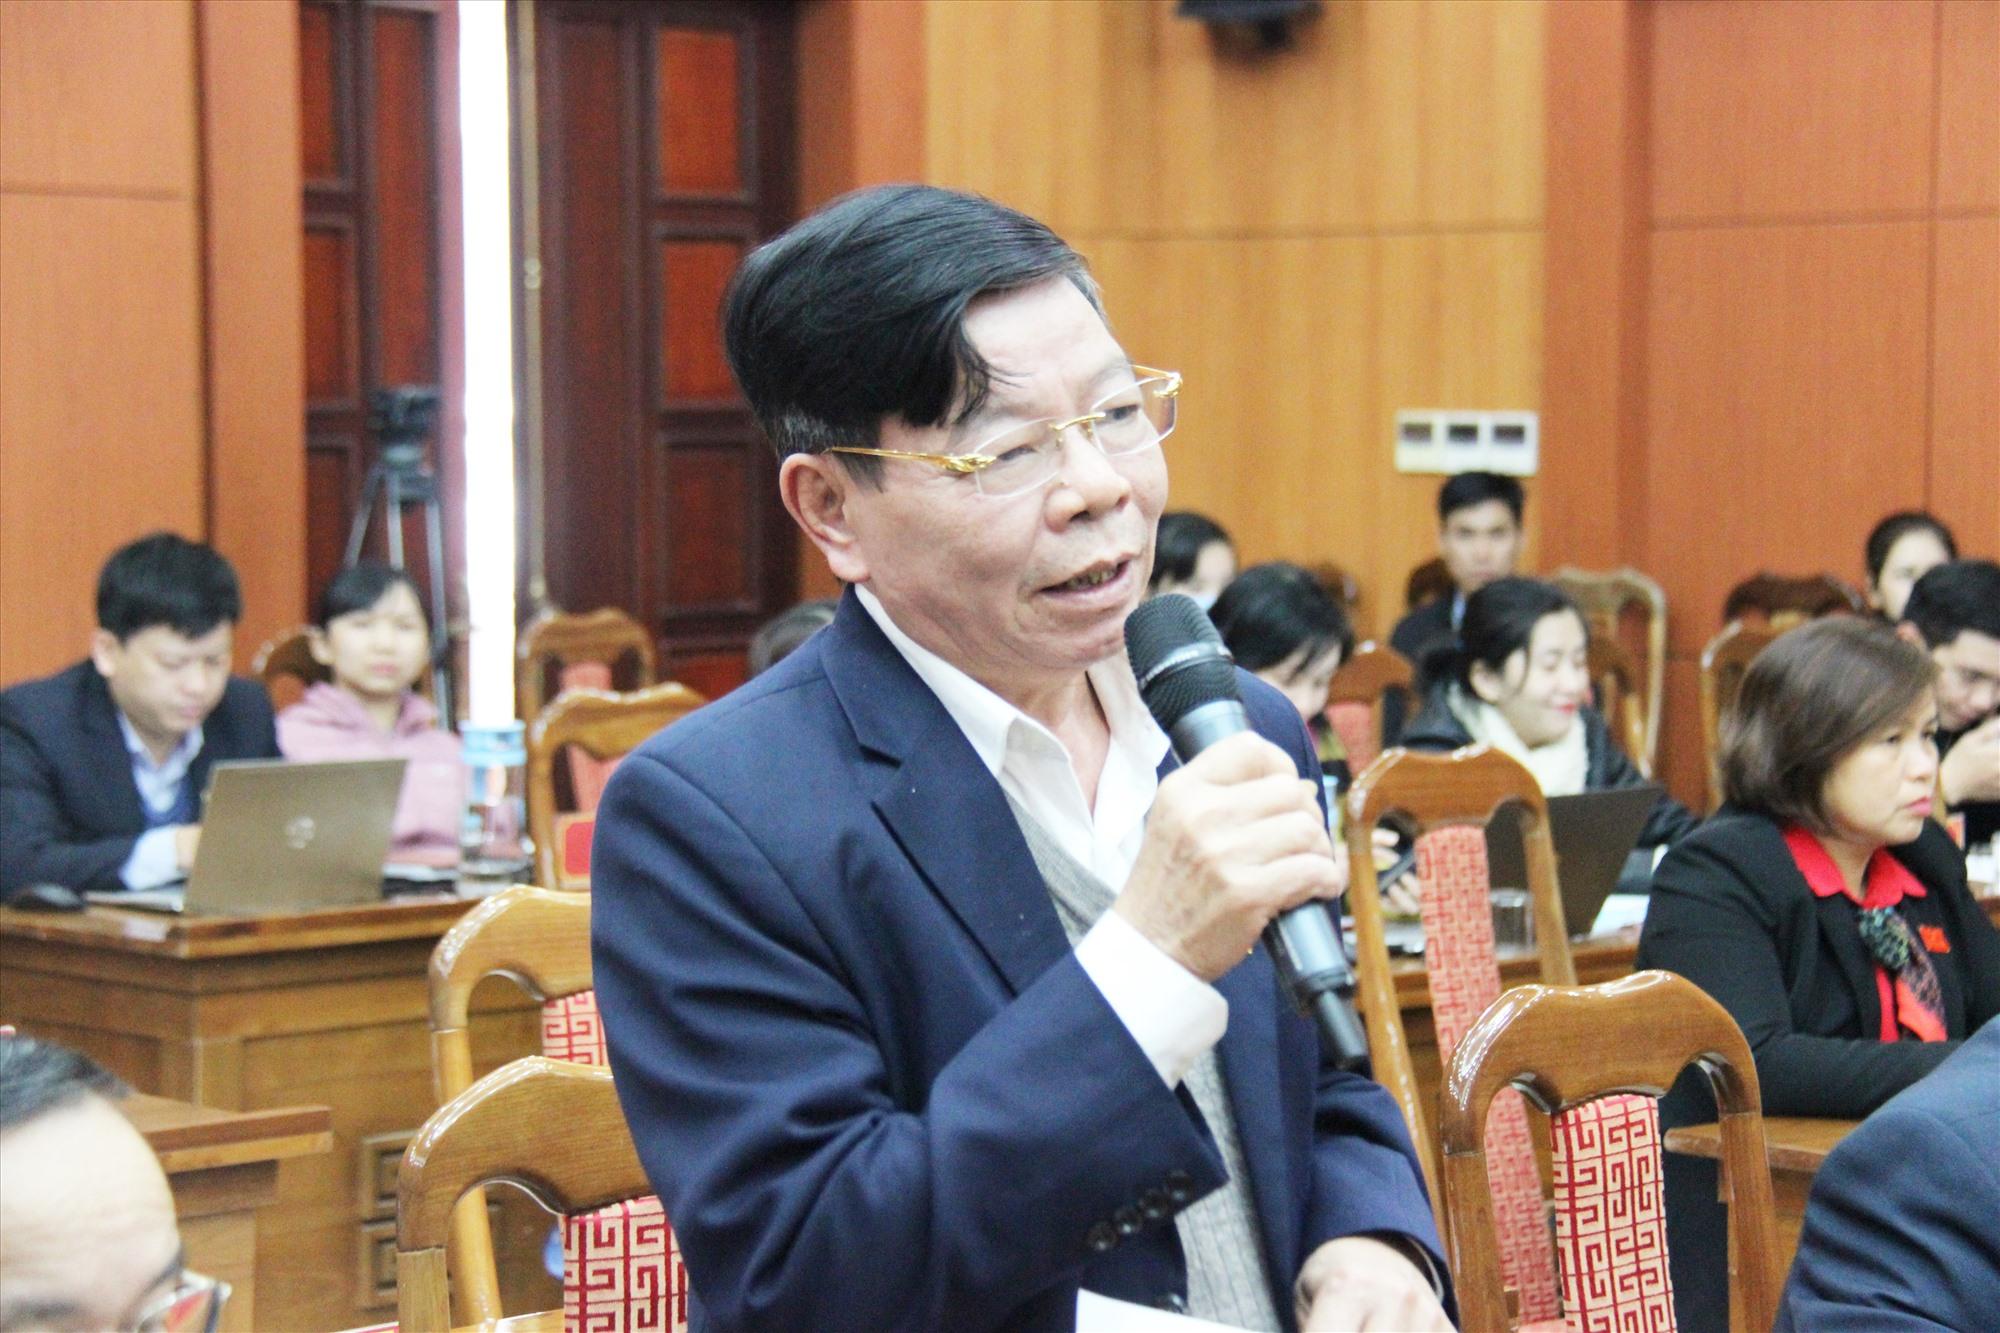 Đại biểu Nguyễn Văn Tỉnh - Bí thư Huyện ủy Hiệp Đức phát biểu thảo luận tại hội trường. Ảnh: N.Đ